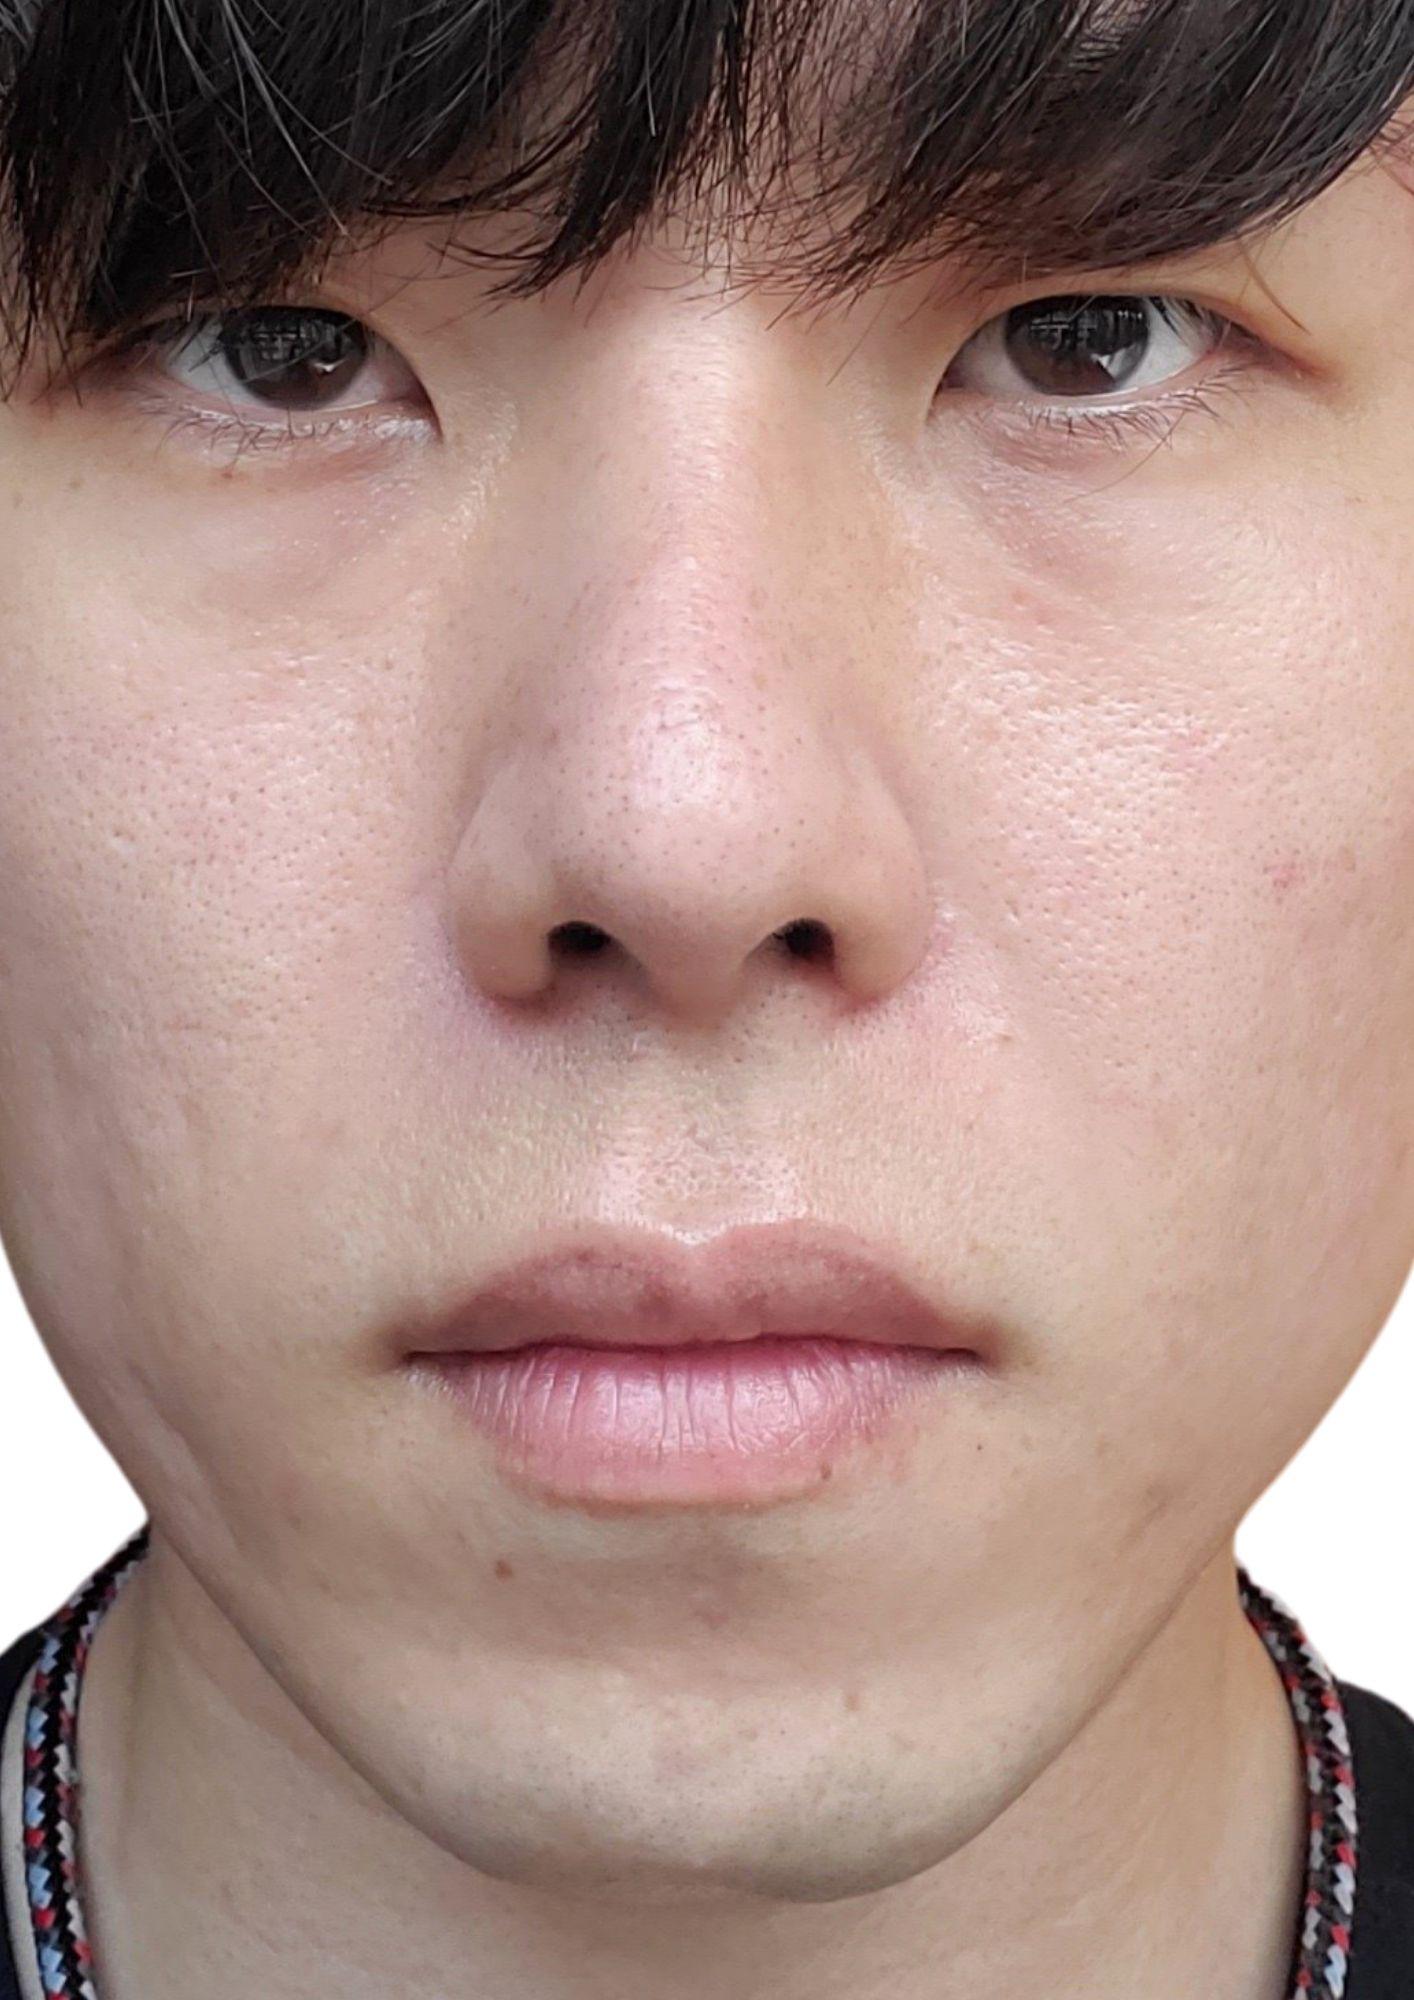 鼻整形アフター